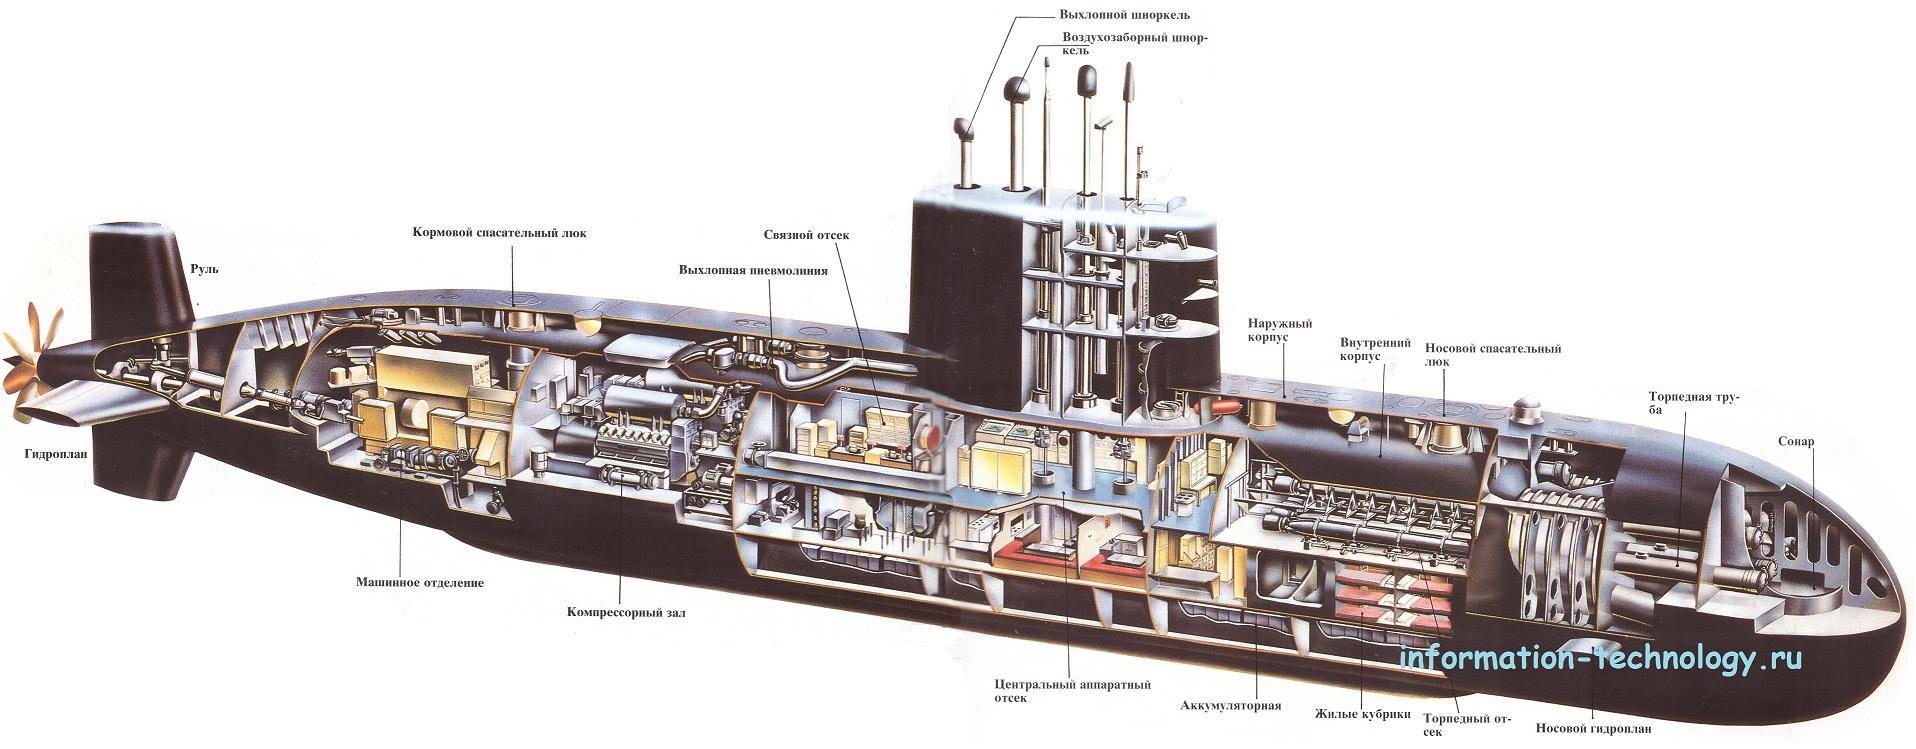 материалы корпуса подводных лодок